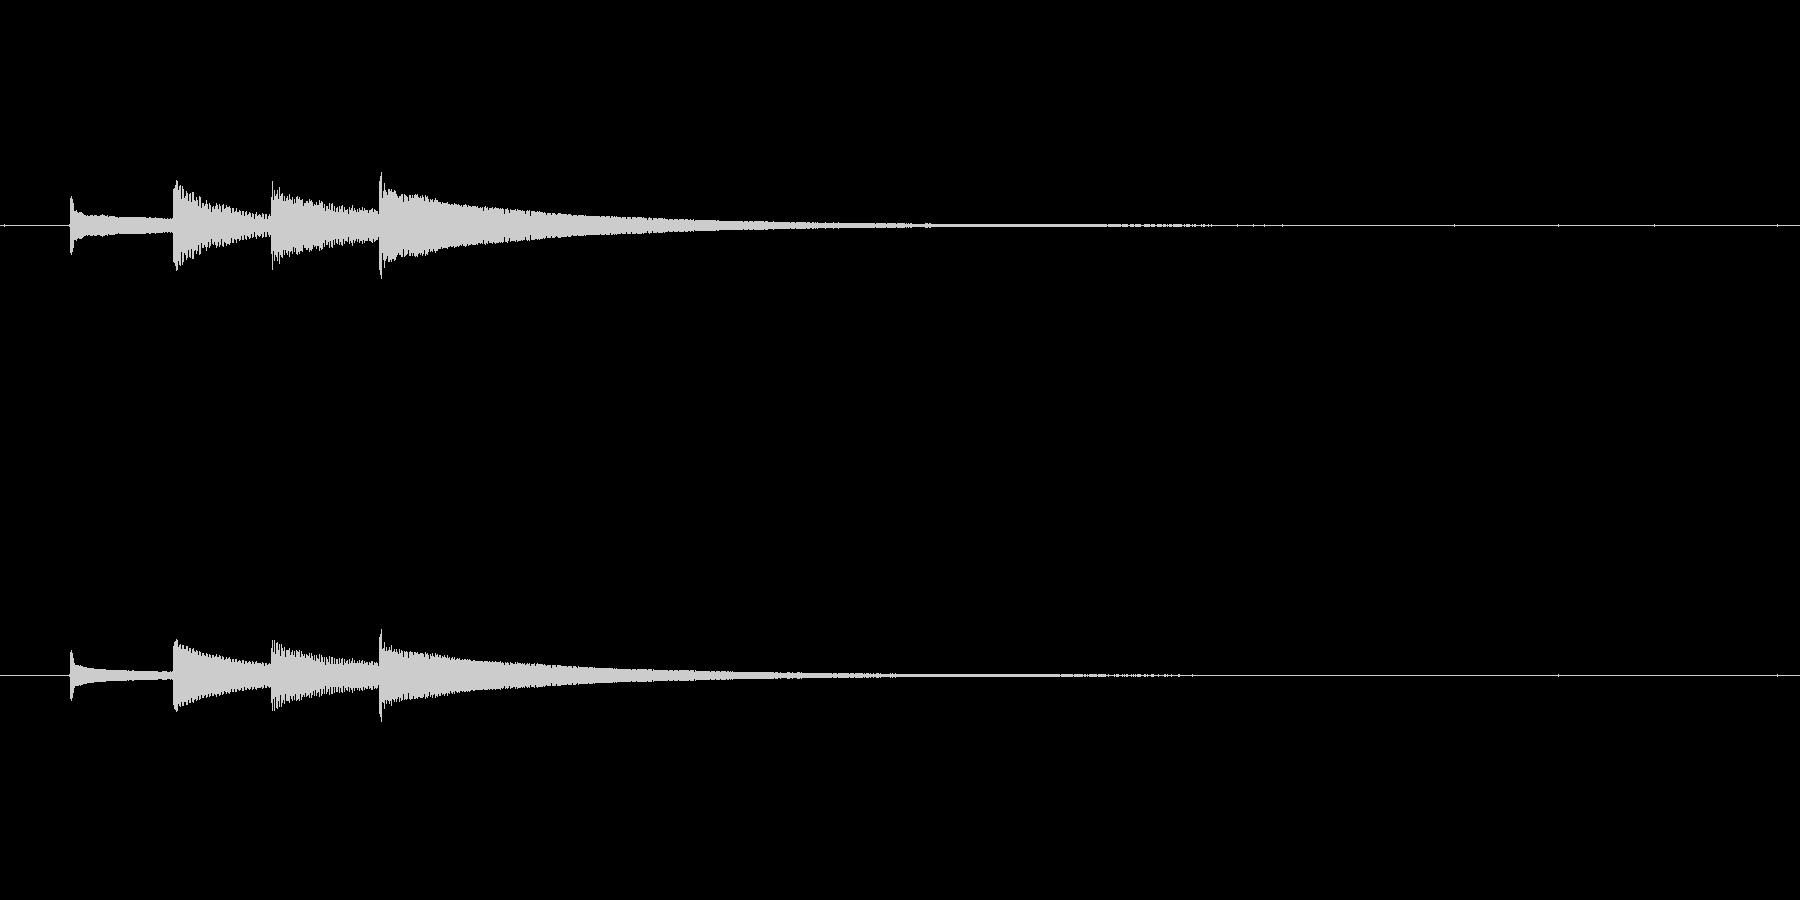 カリンバの優しいサウンドロゴ⑥の未再生の波形